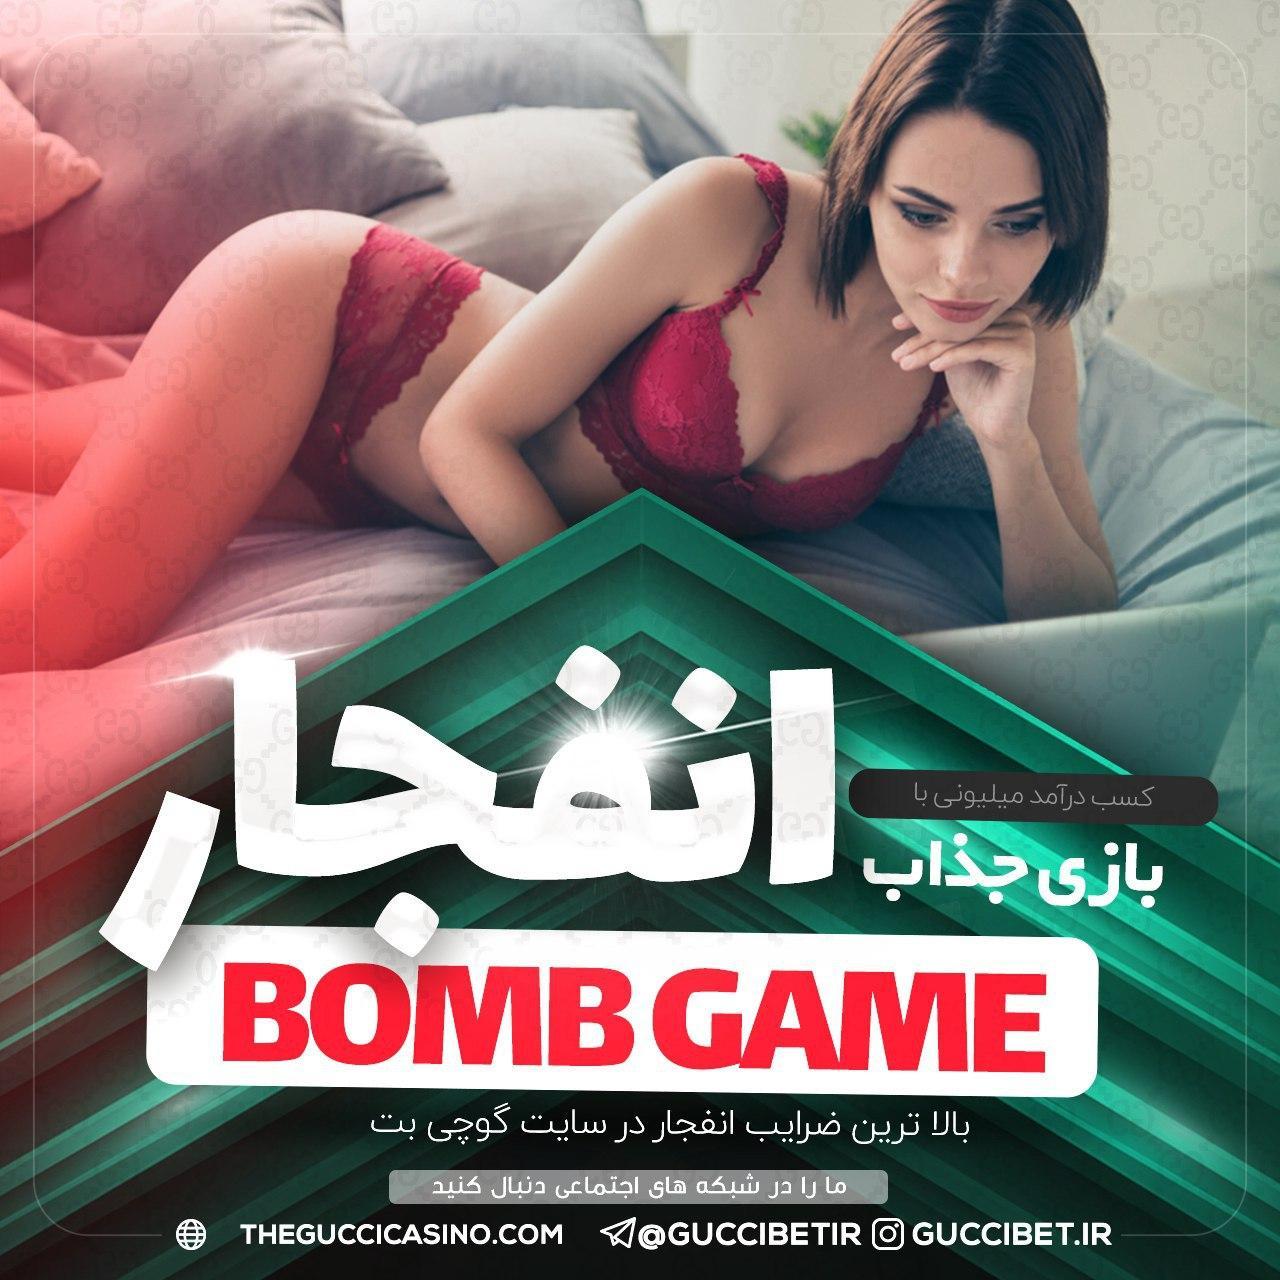 سایت بازی انفجار با ضریب بالا در بهترین سایت شرط بندی با بونوس